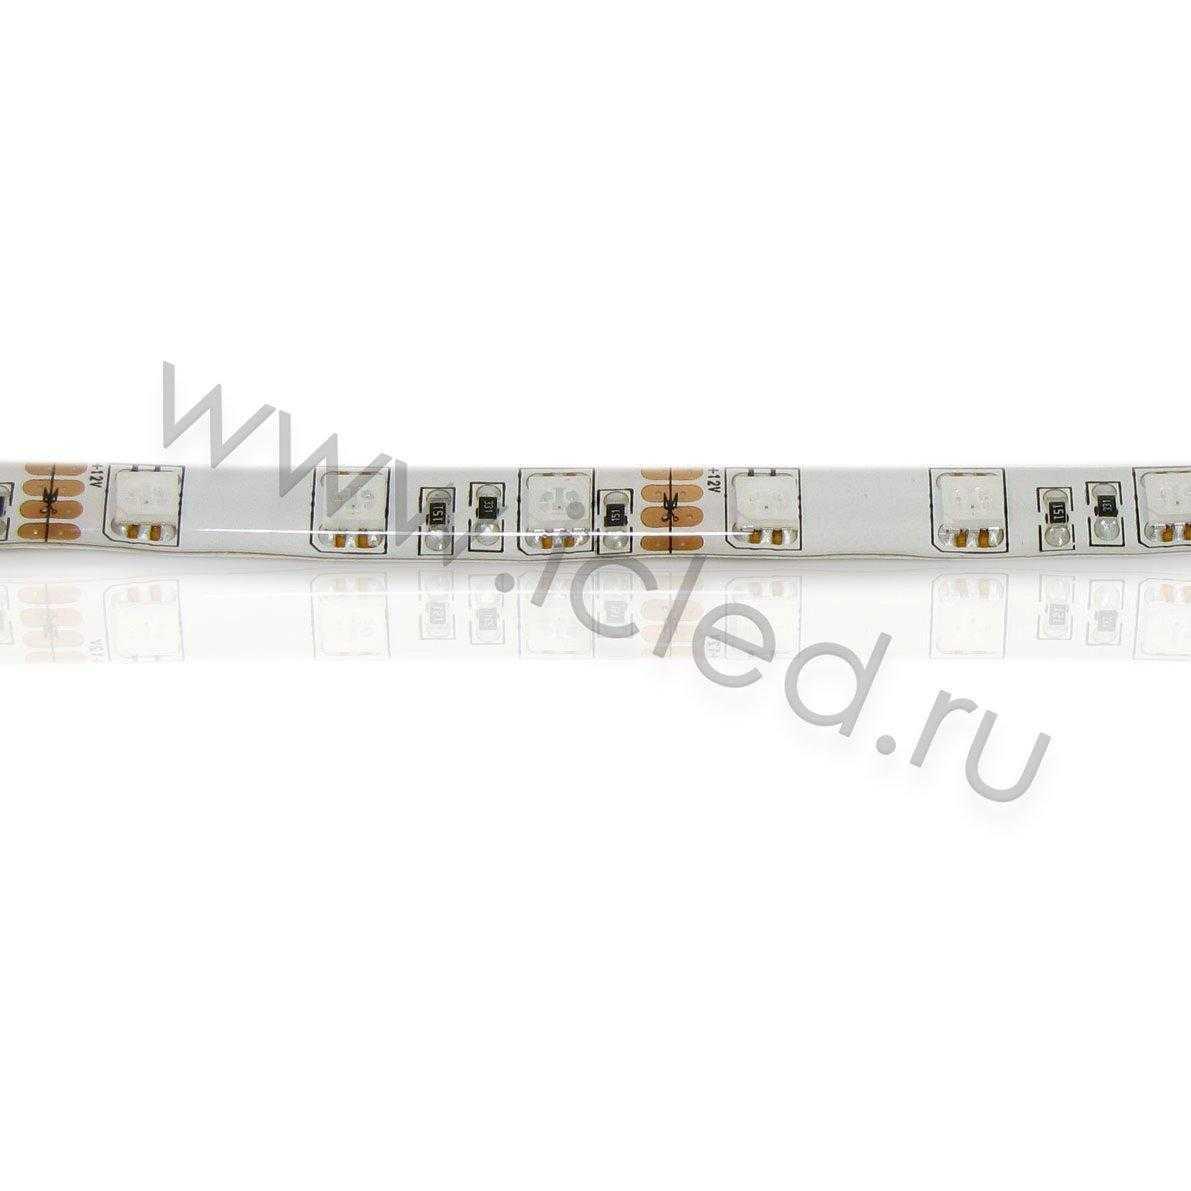 Светодиодная лента Class High, 5050, 60 led/m, RGB, 12V, IP65